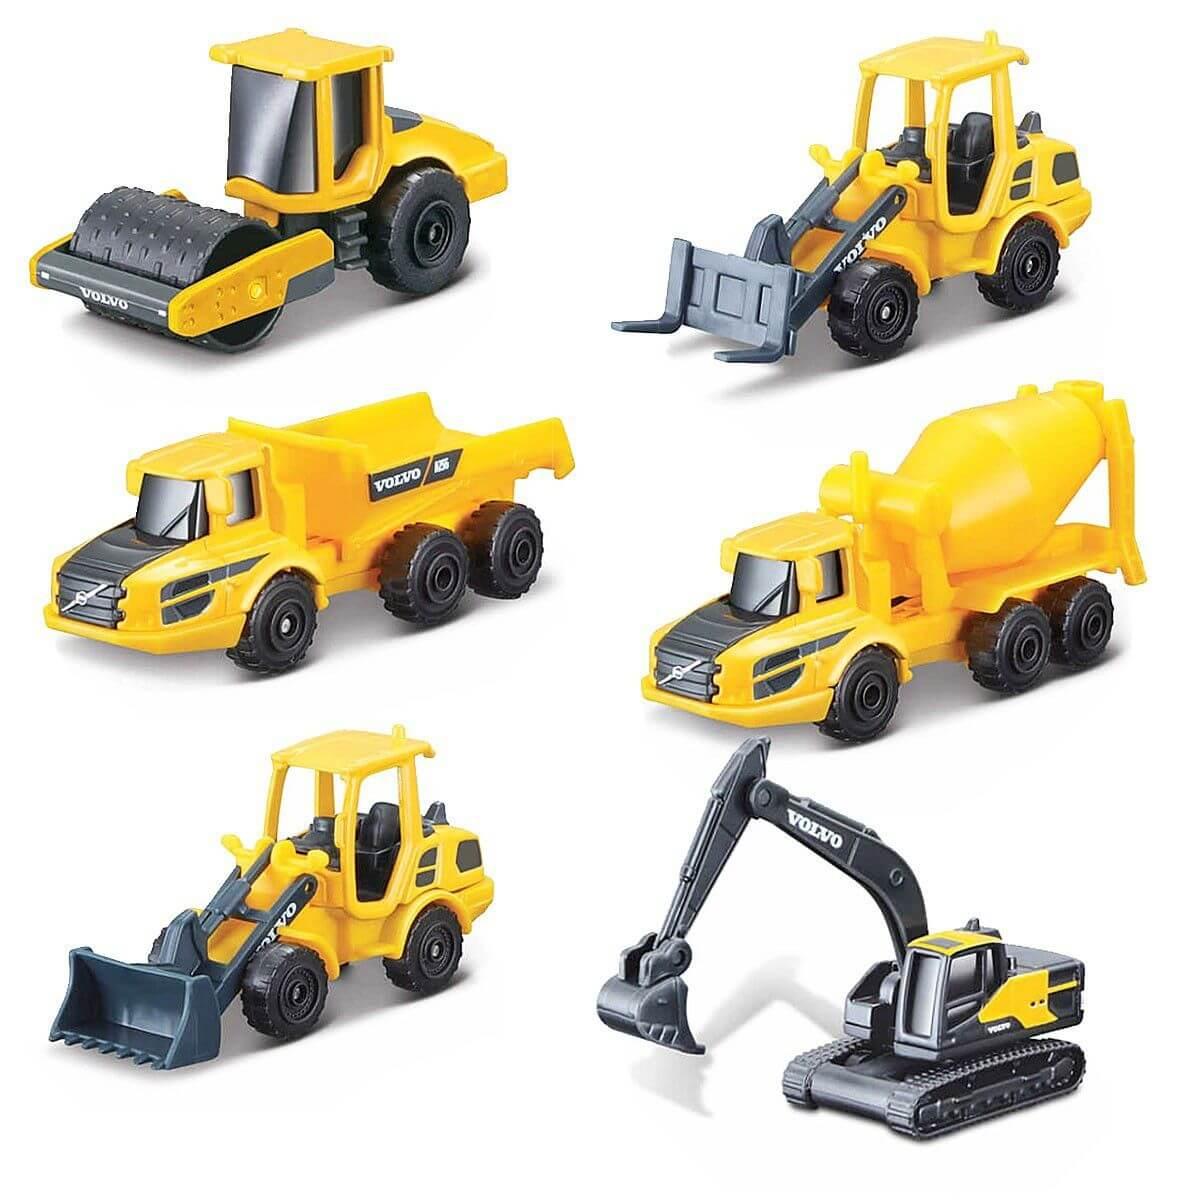 Conjunto Playset Construção com 6 Miniaturas - Volvo - 1/64 - Maisto